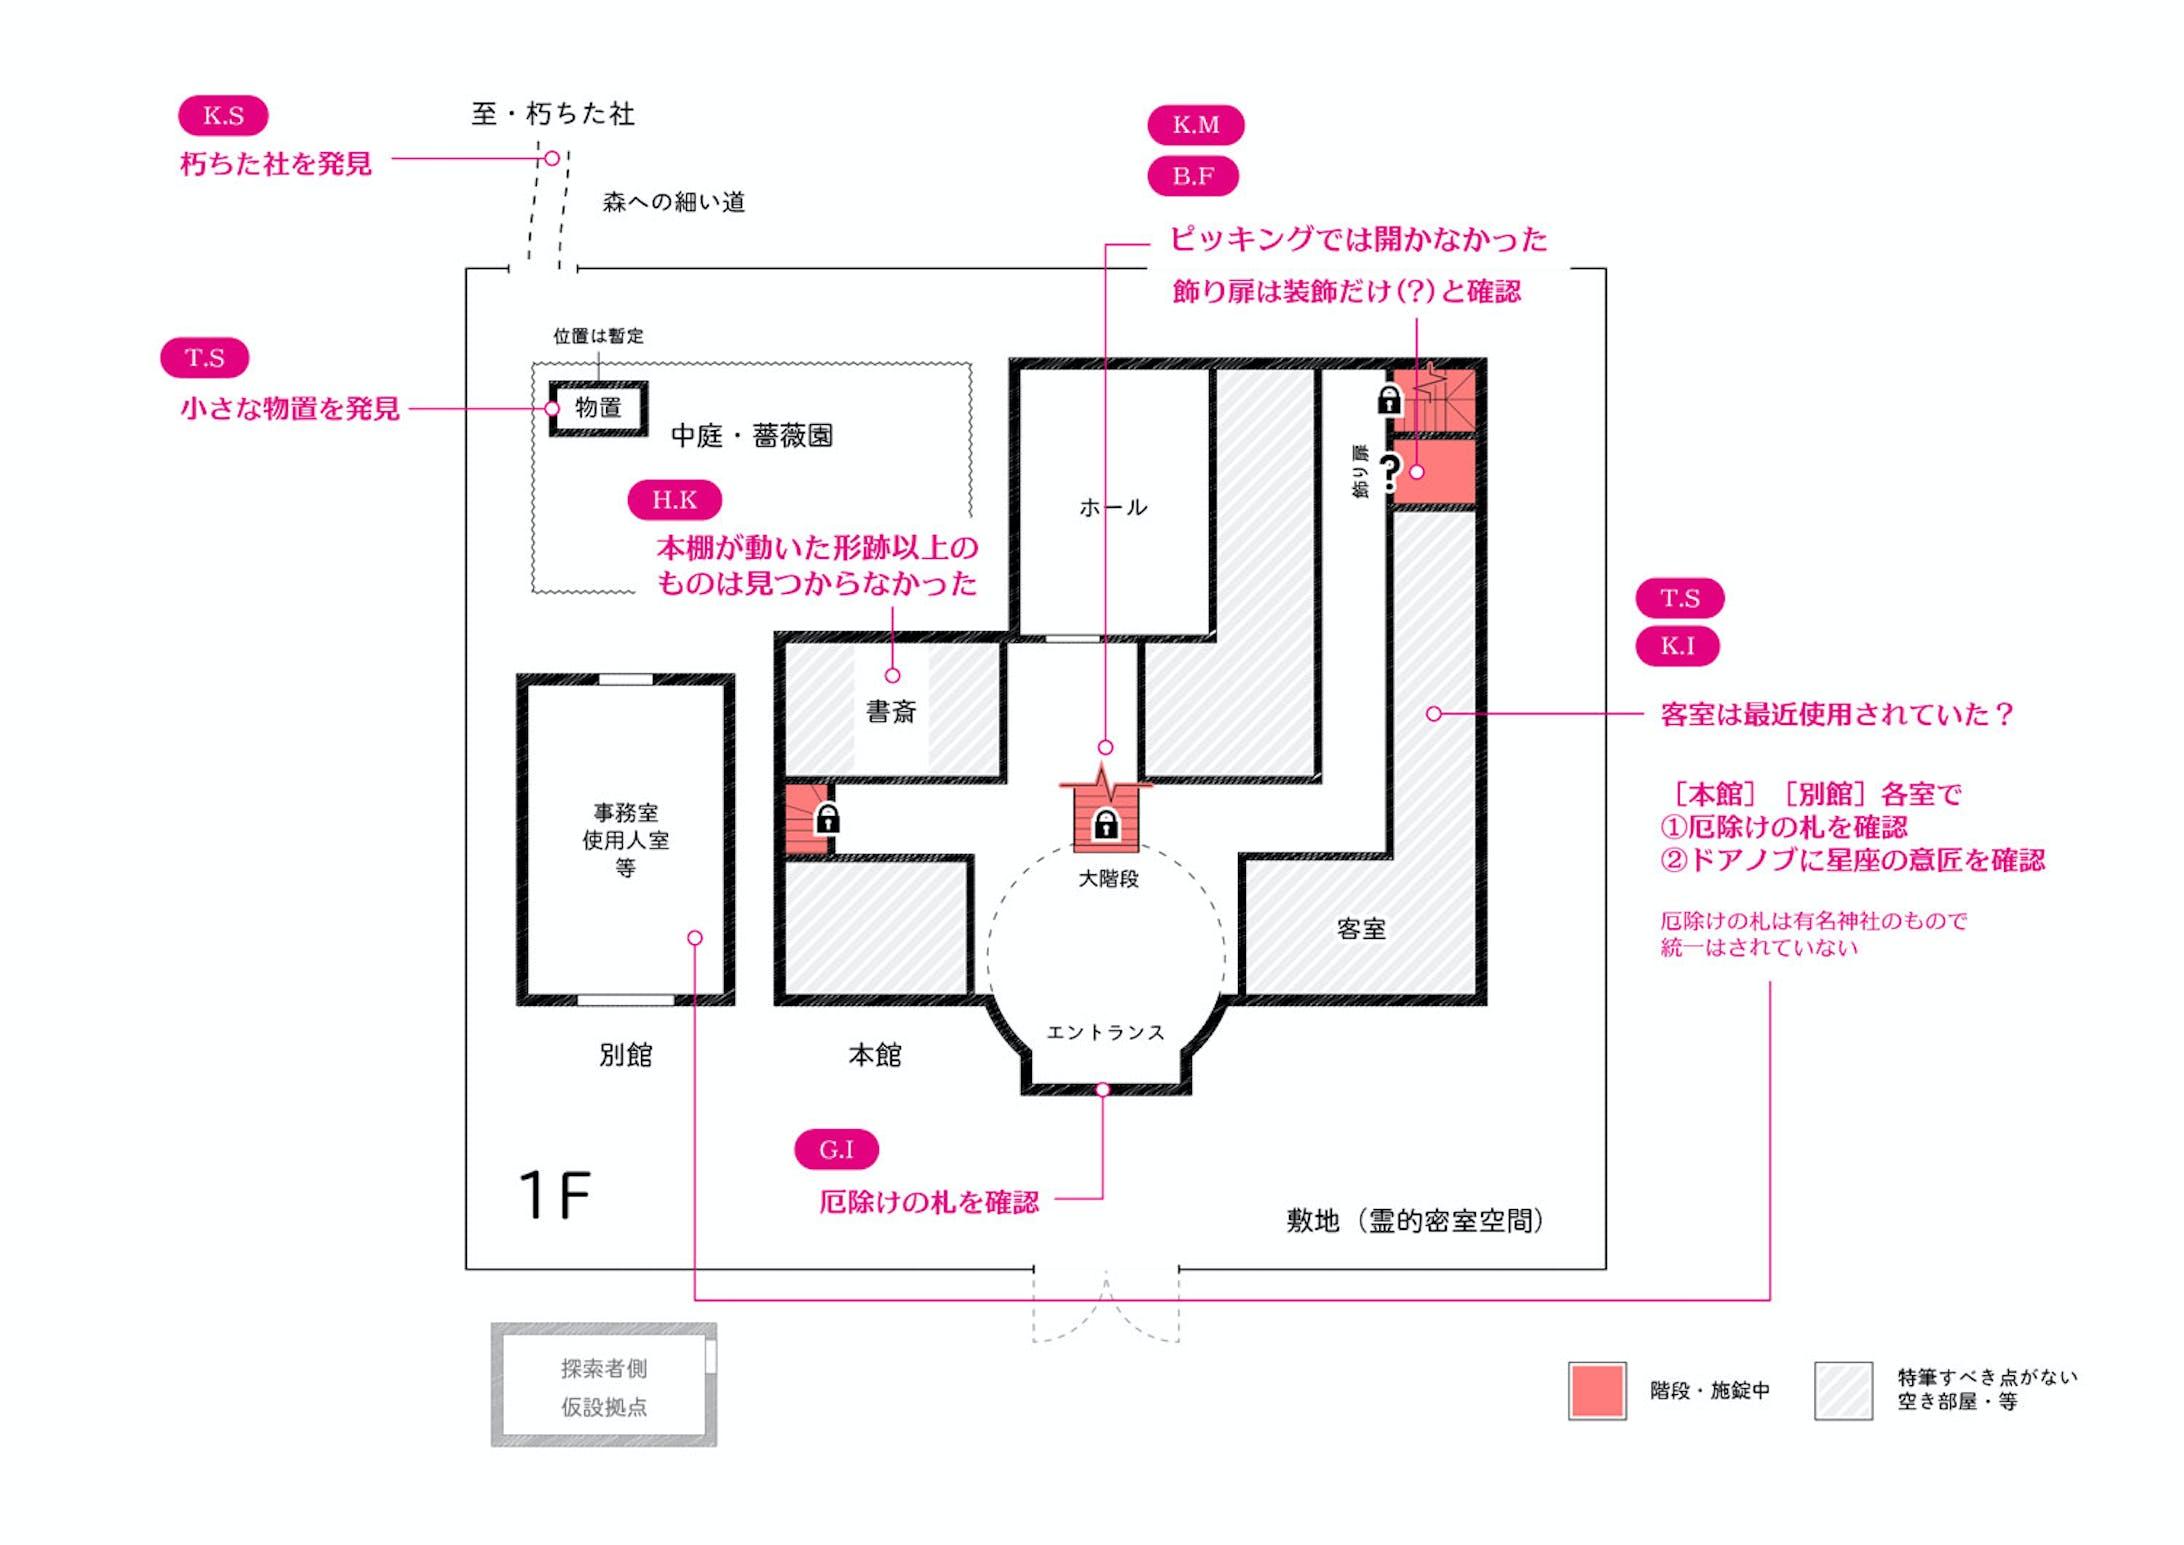 マップ・間取り図-3